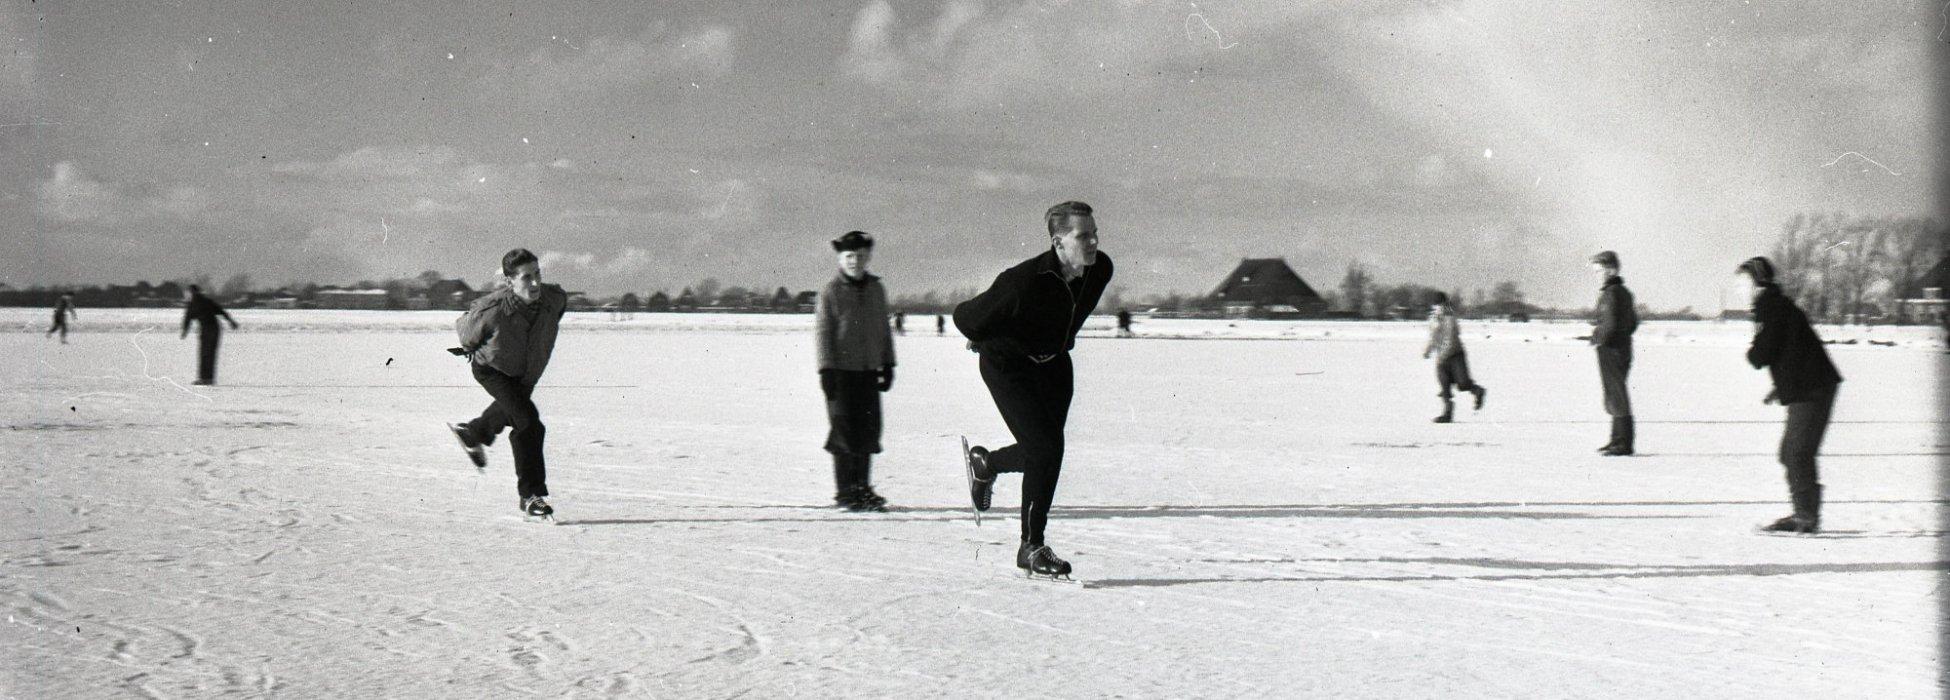 schaatsers in een Fries landschap